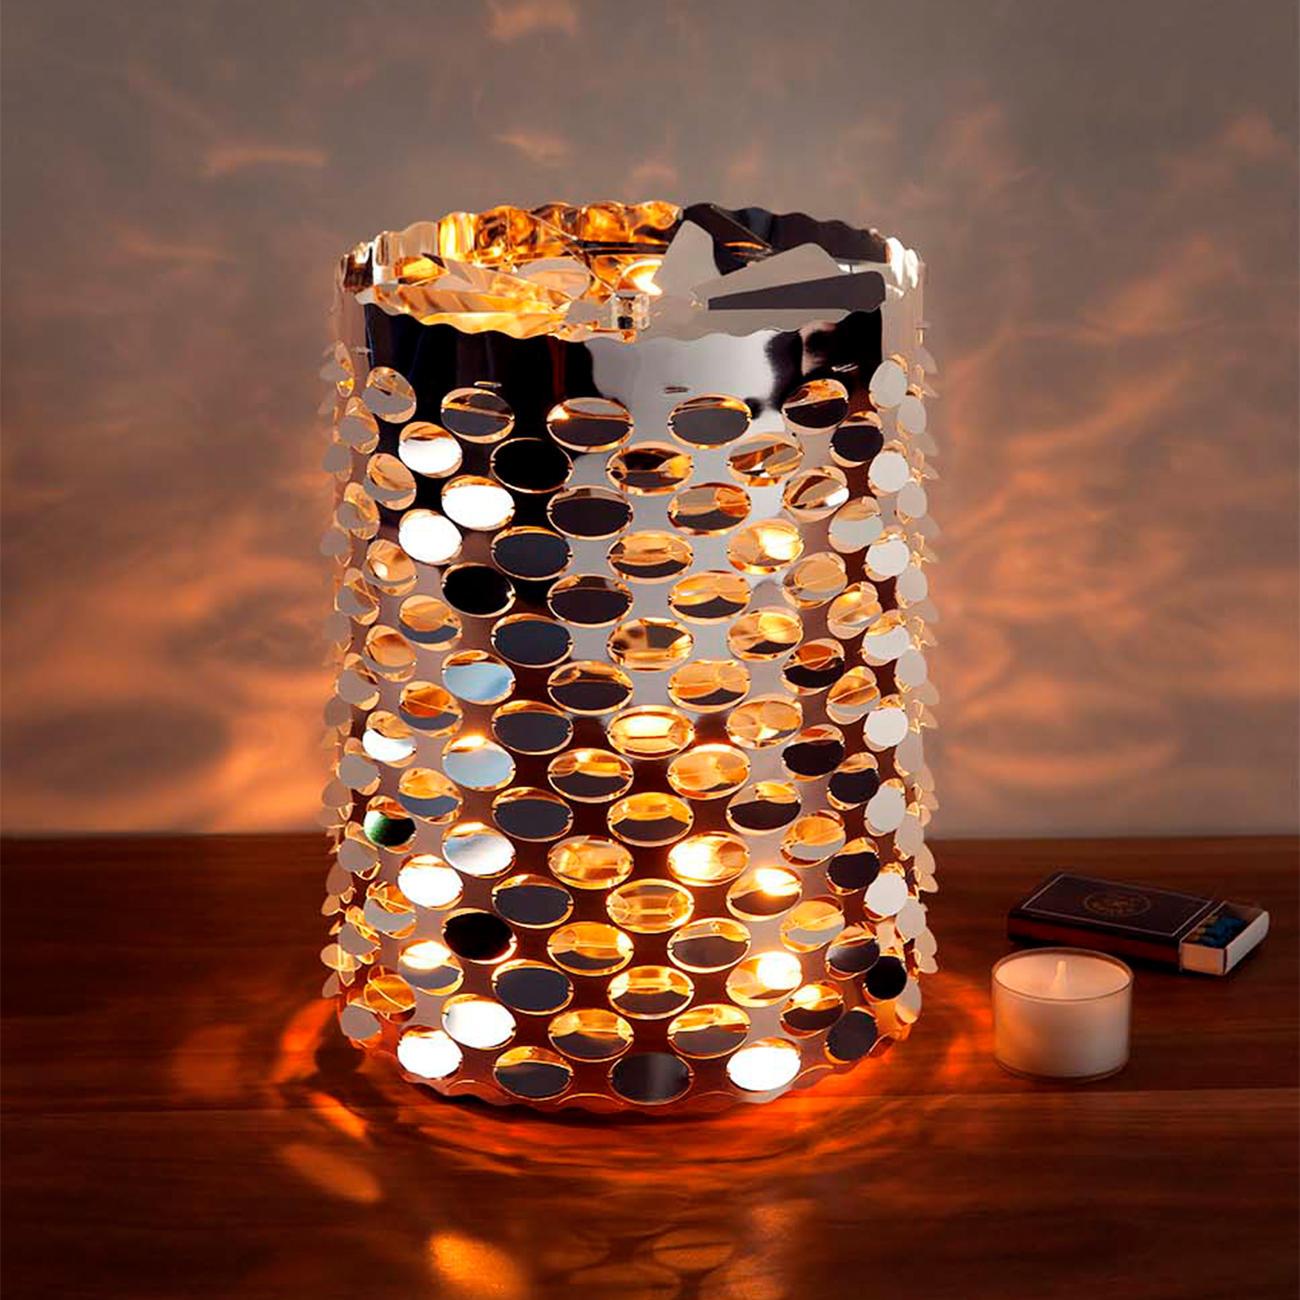 Teelicht karussell xl 3 jahre garantie pro idee for Pro idee garten